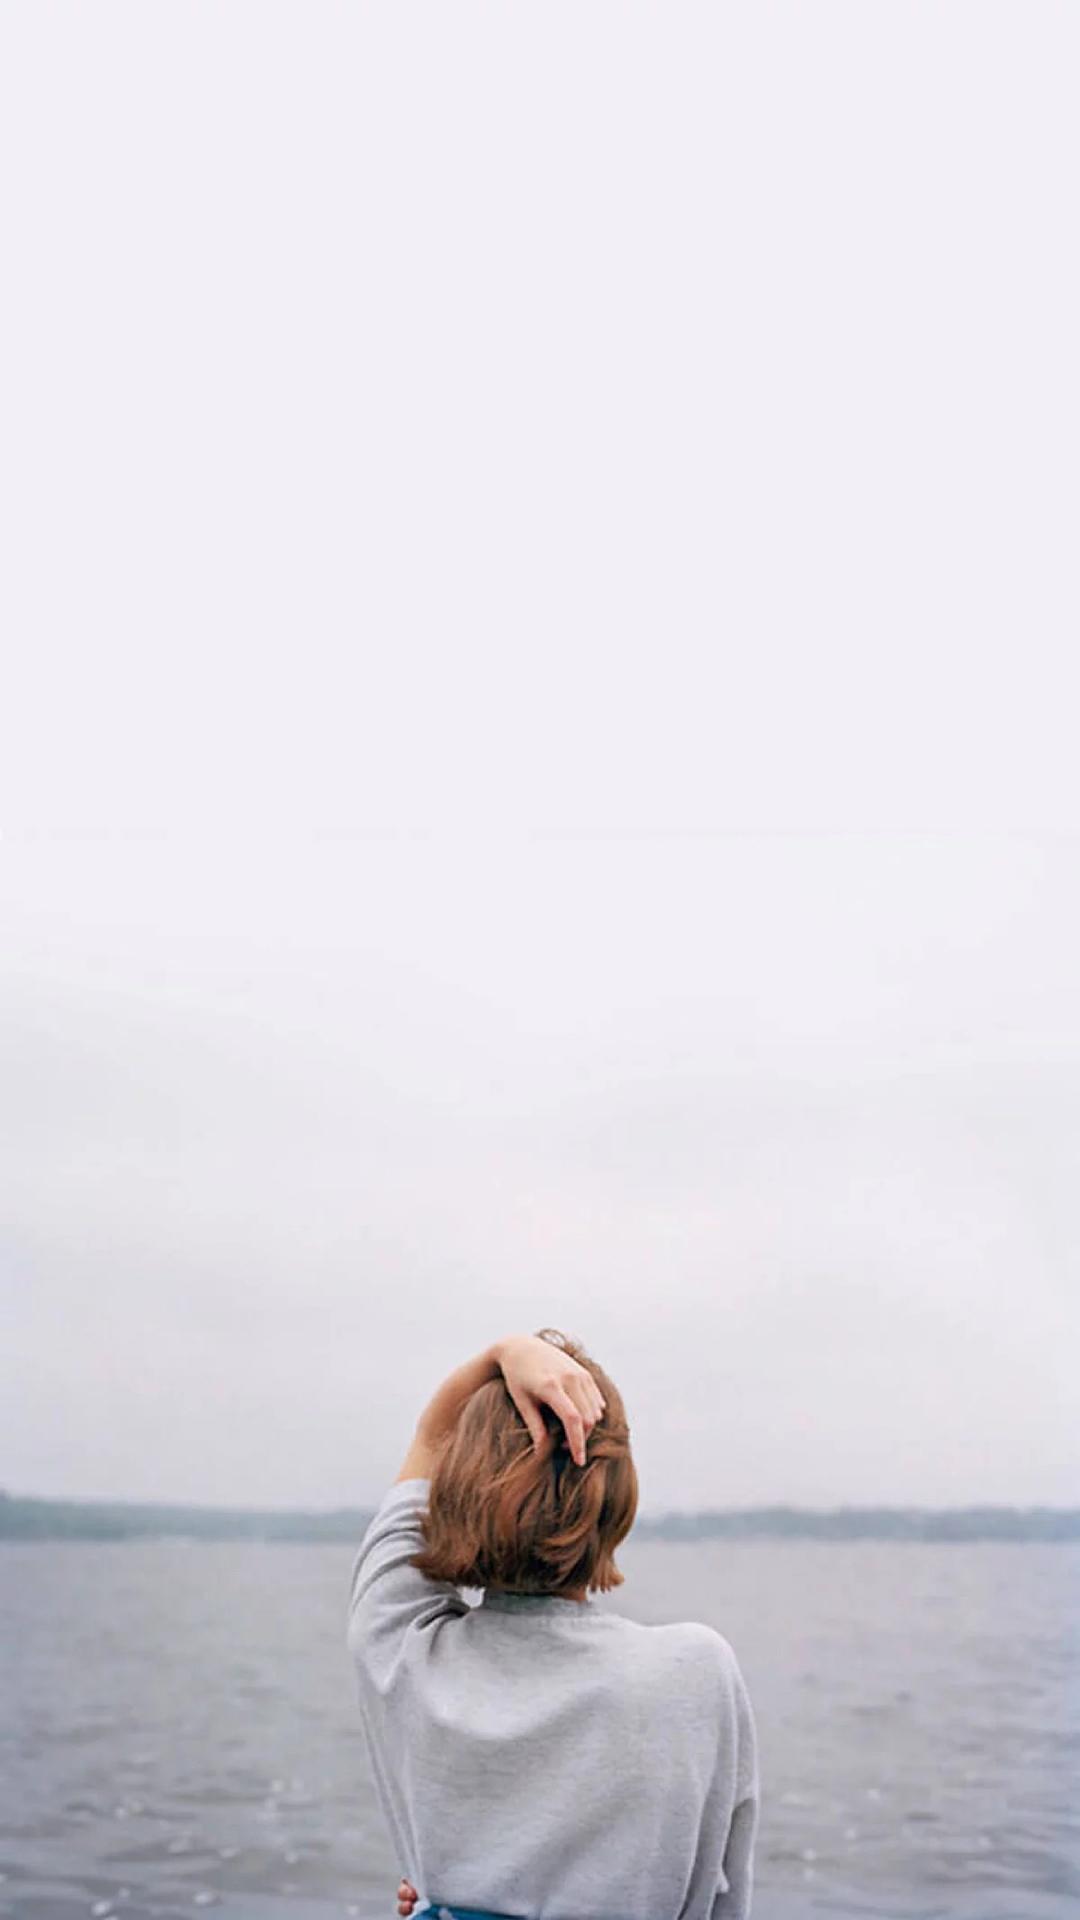 海 美女 短发 背影